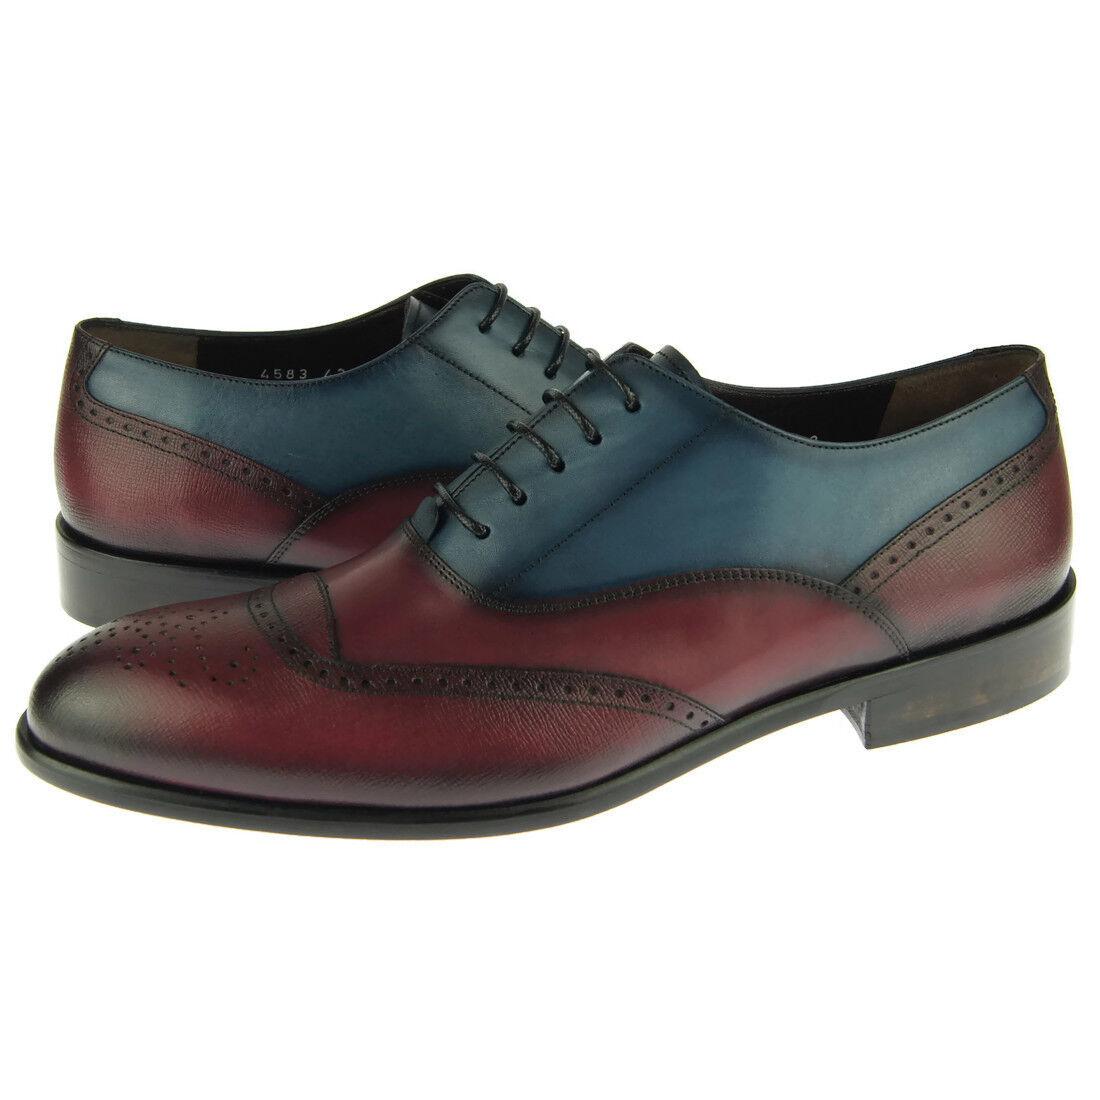 Zapatos de cuero Corrente 4583 Dual-Color Brogue Oxford, para hombres de vestir, azul Burdeos